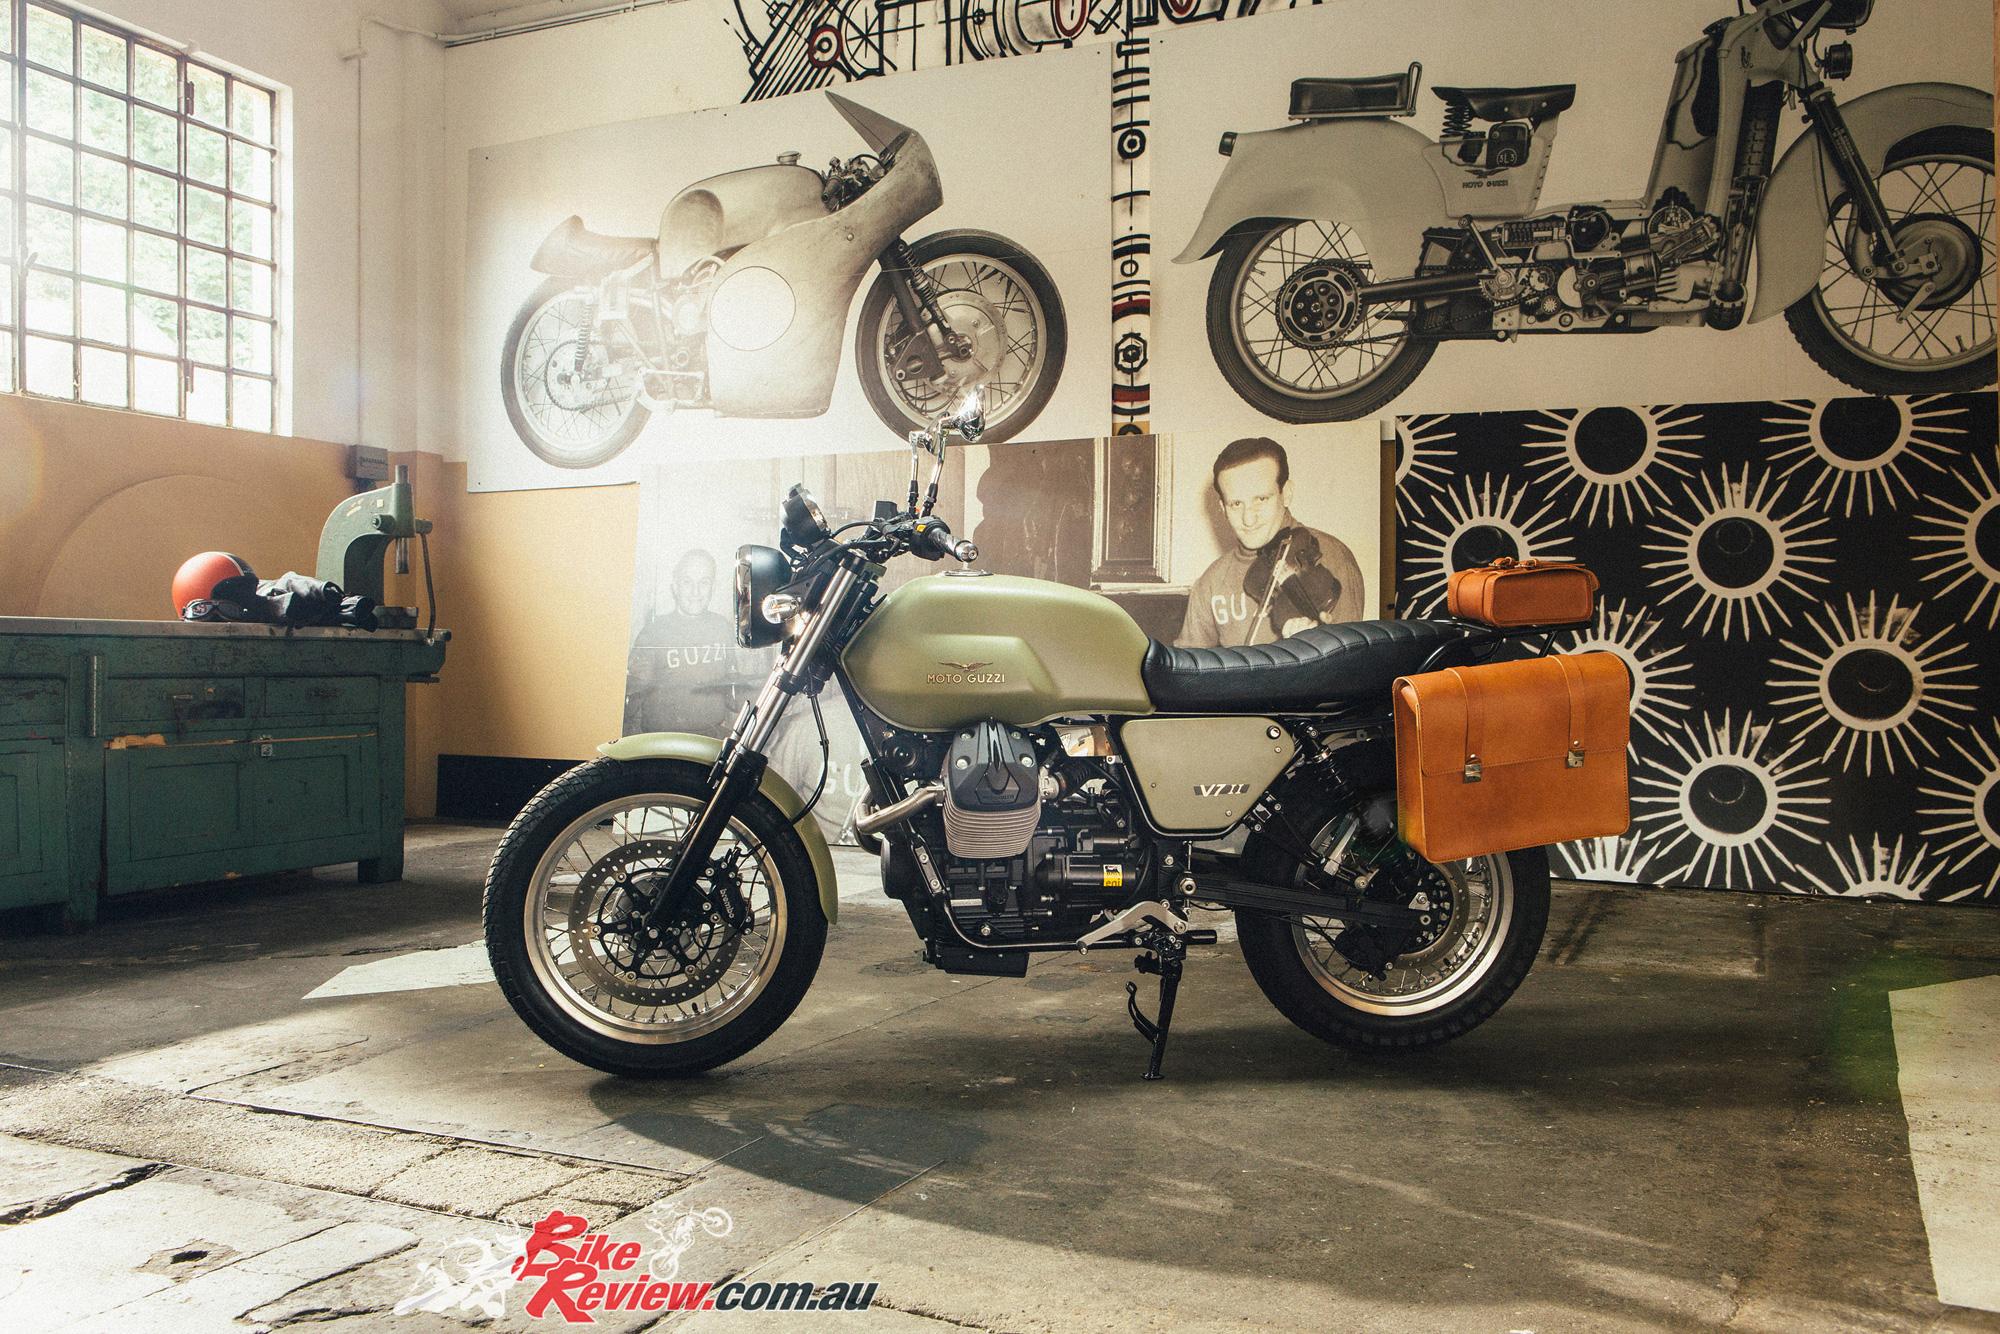 Review 2015 Moto Guzzi V7 Ii Stone Bike Review